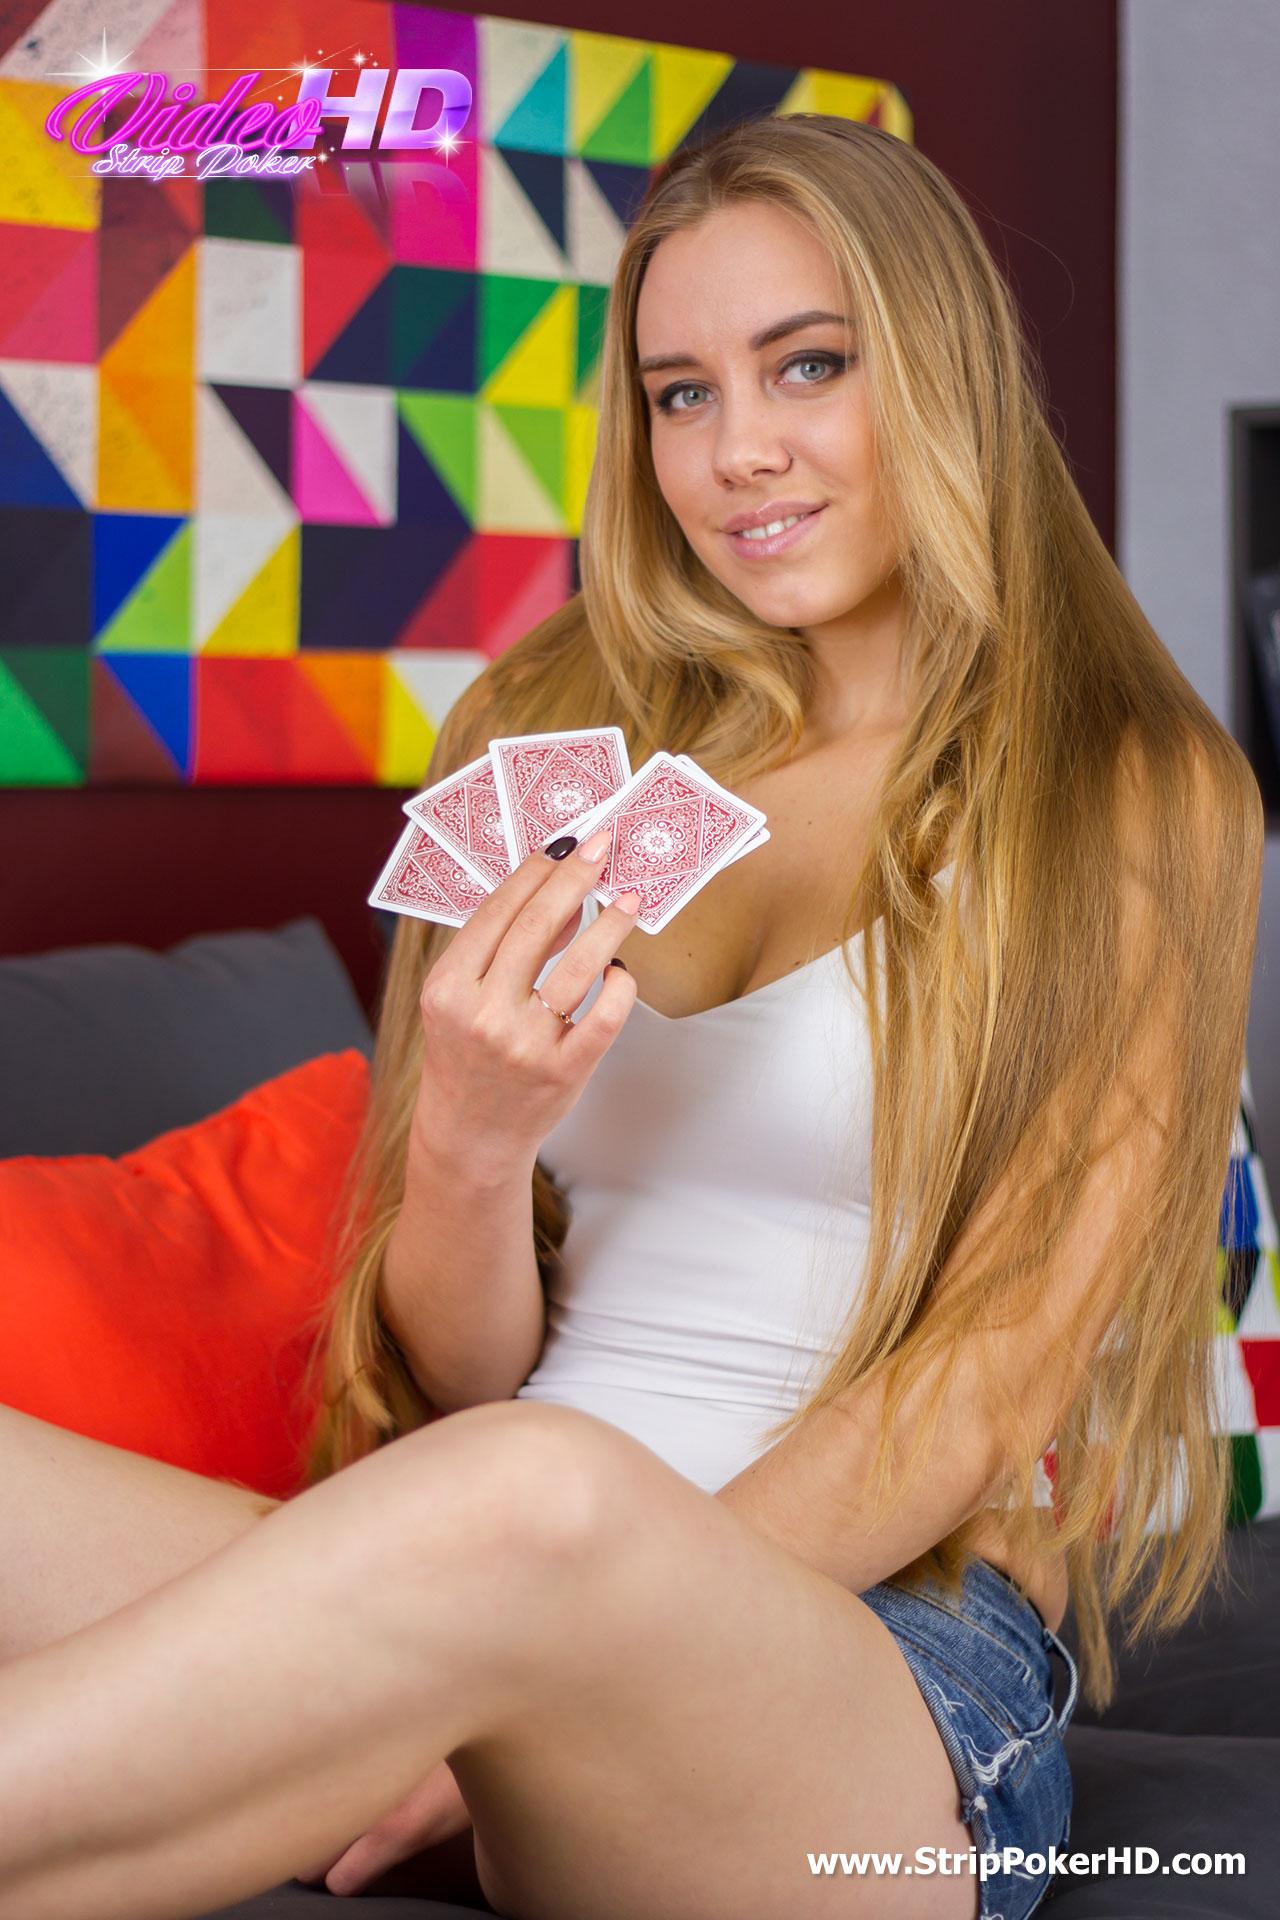 kostenlos strip poker partytreff essen